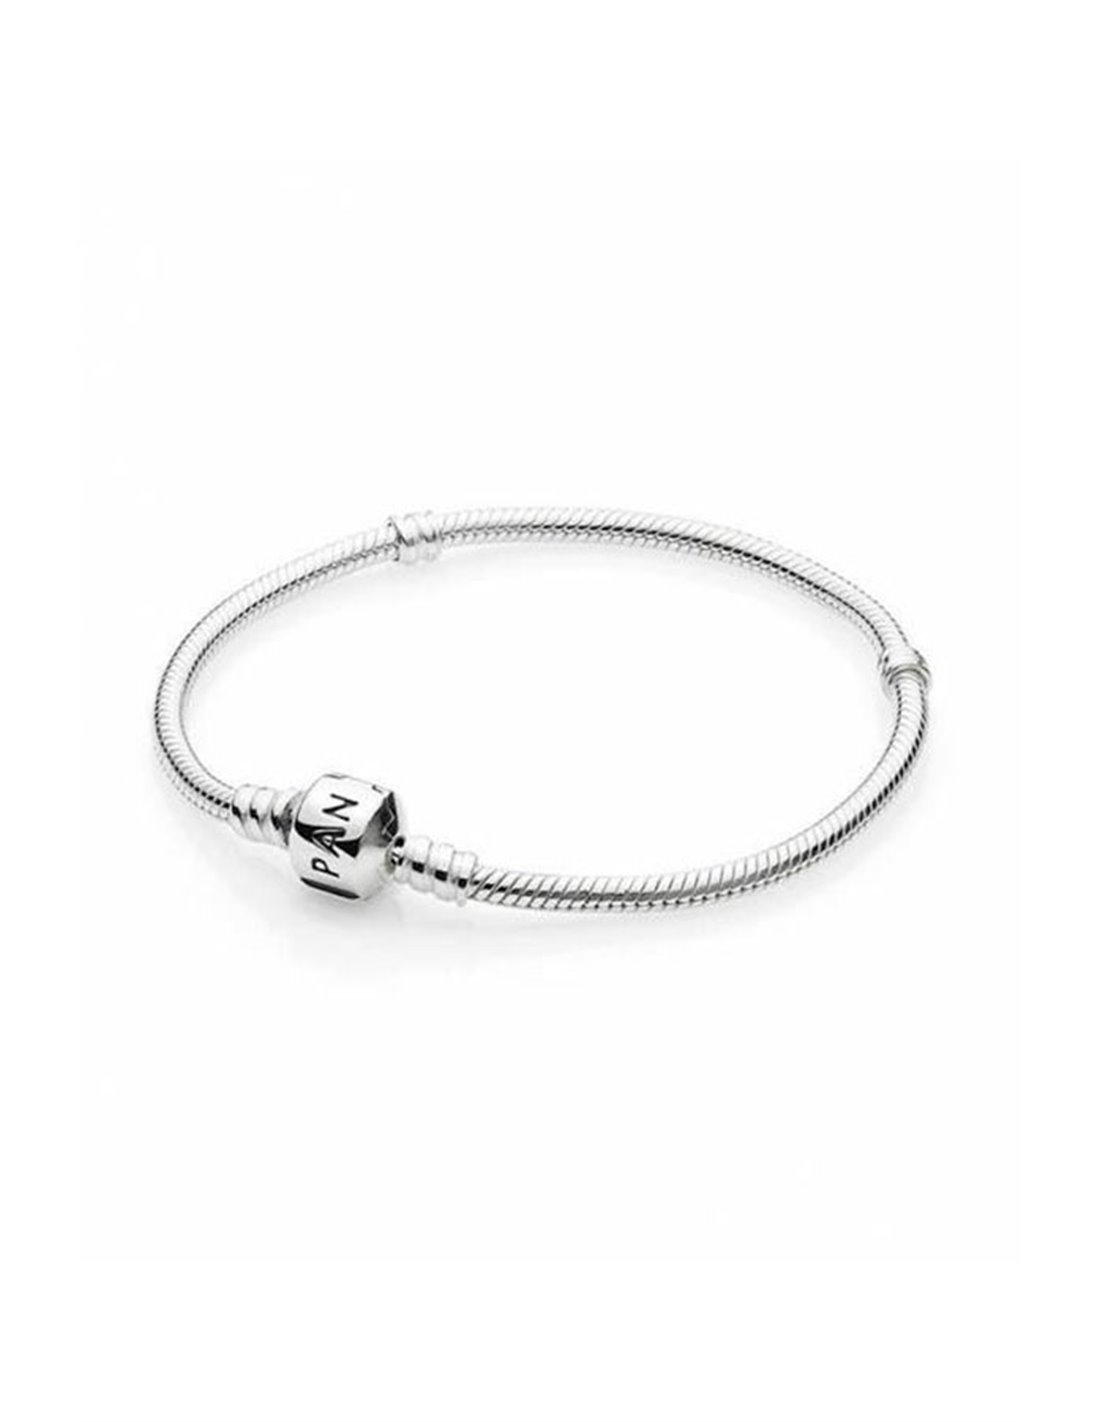 590702 Hv 18 Pandora Bracelet Silver